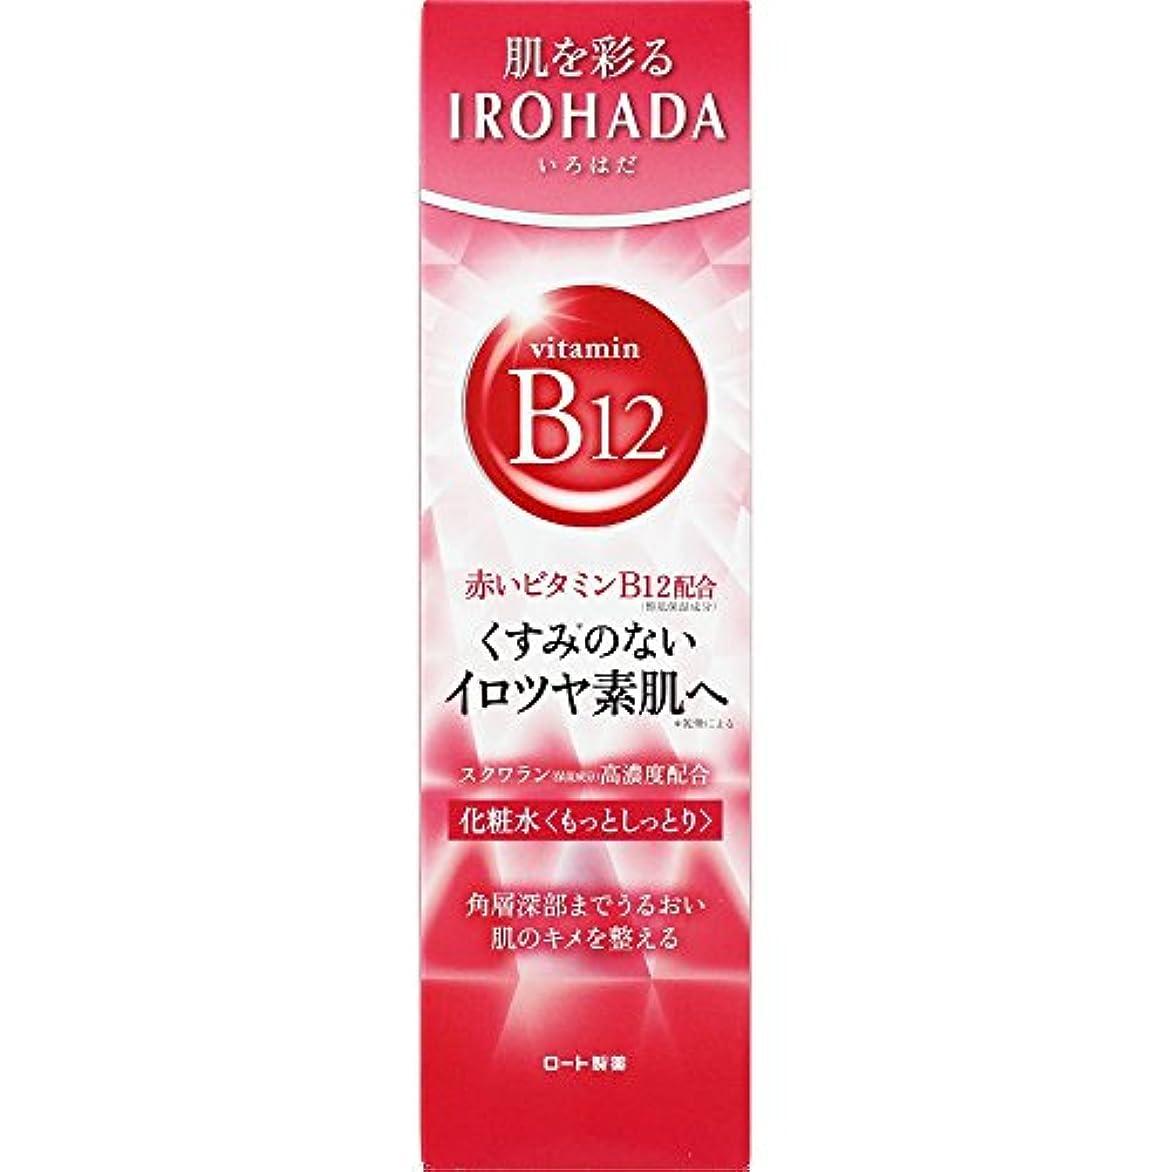 一次魔法一次ロート製薬 いろはだ (IROHADA) 赤いビタミンB12×スクワラン配合 化粧水もっとしっとり 160ml